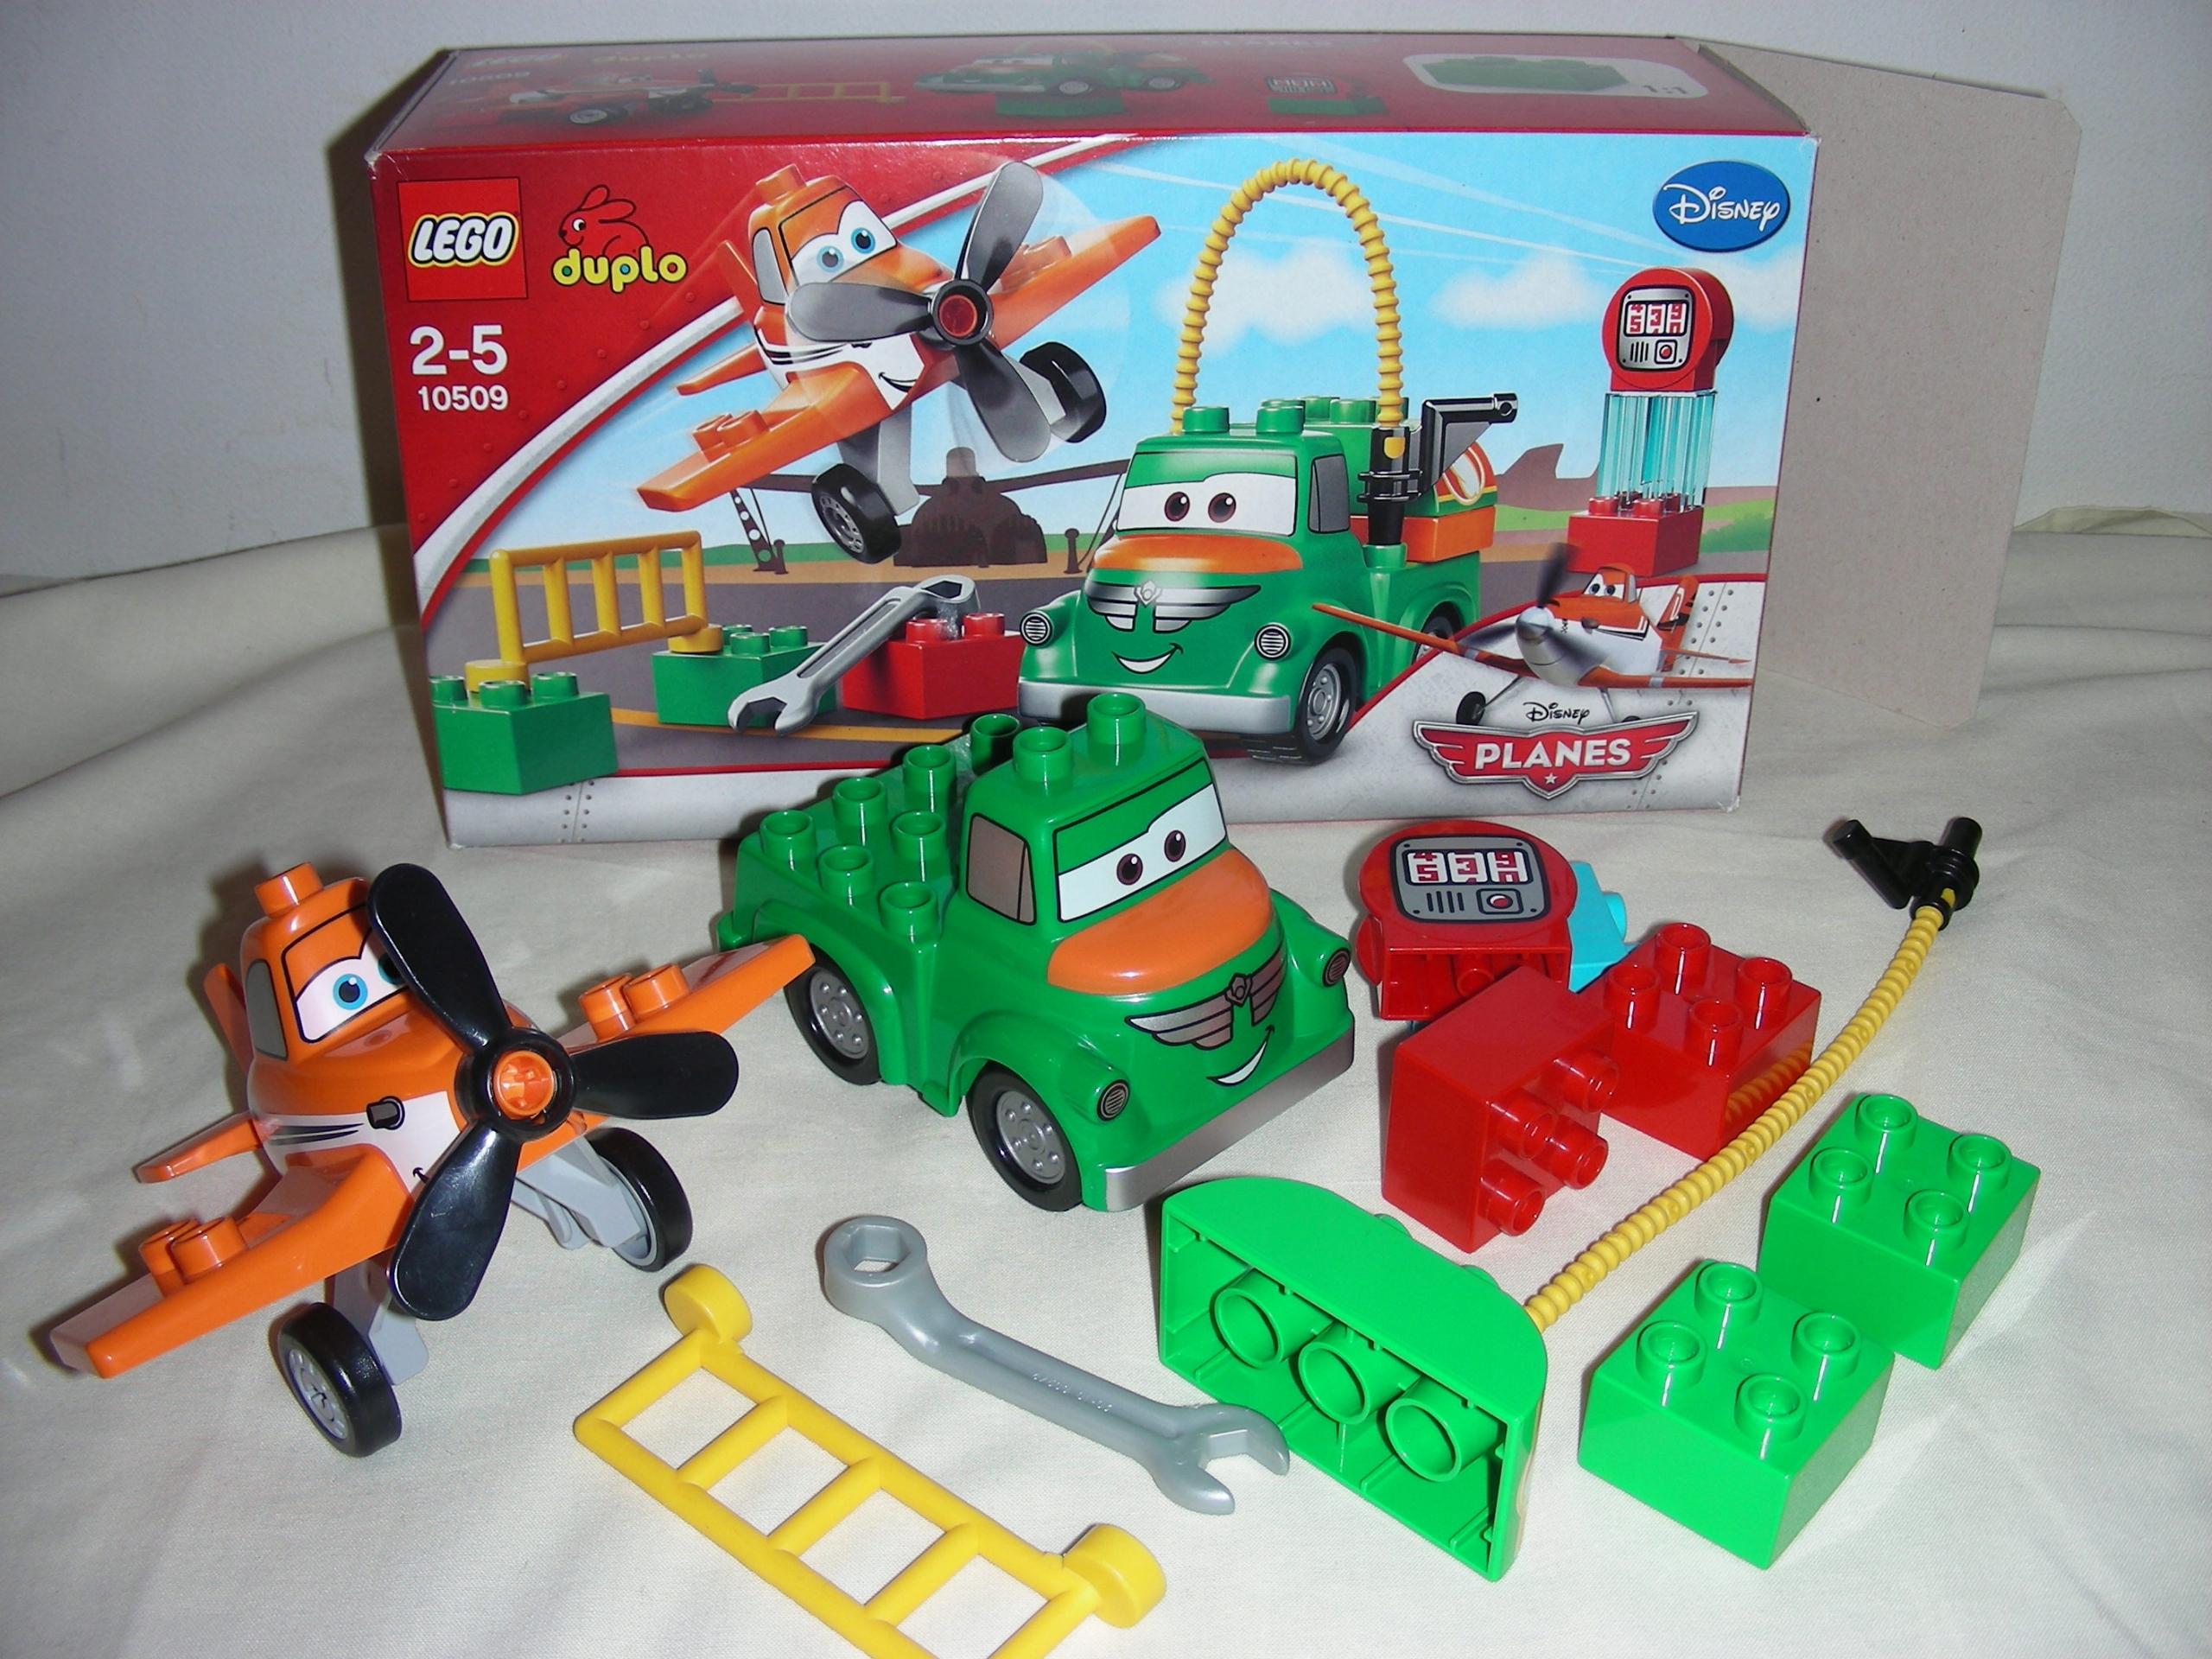 Klocki Lego Duplo 10509 Samoloty Planes Dusty Beka 7674101558